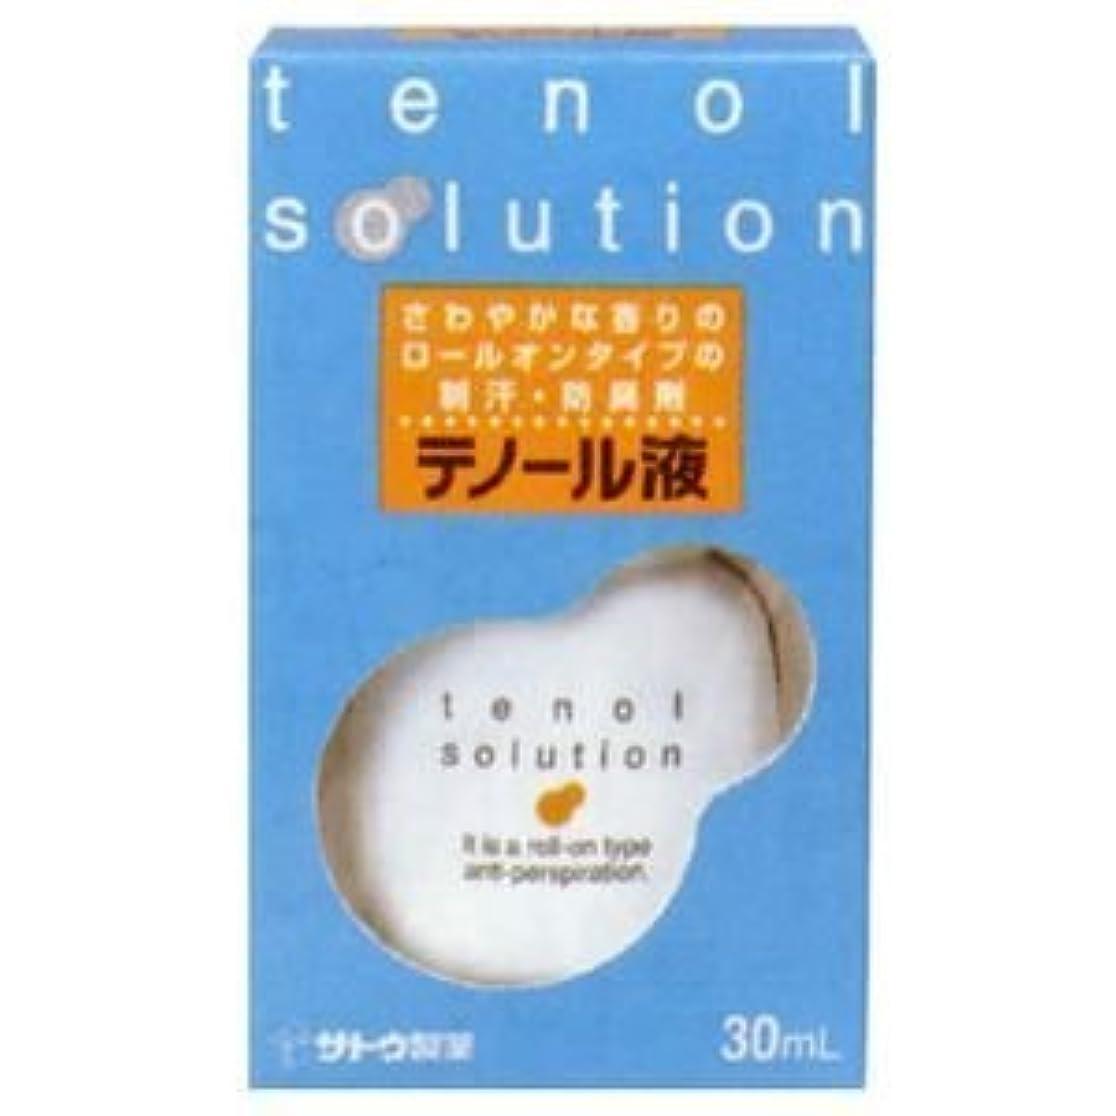 立場夜間高層ビル佐藤製薬 テノール液(30ml)×2